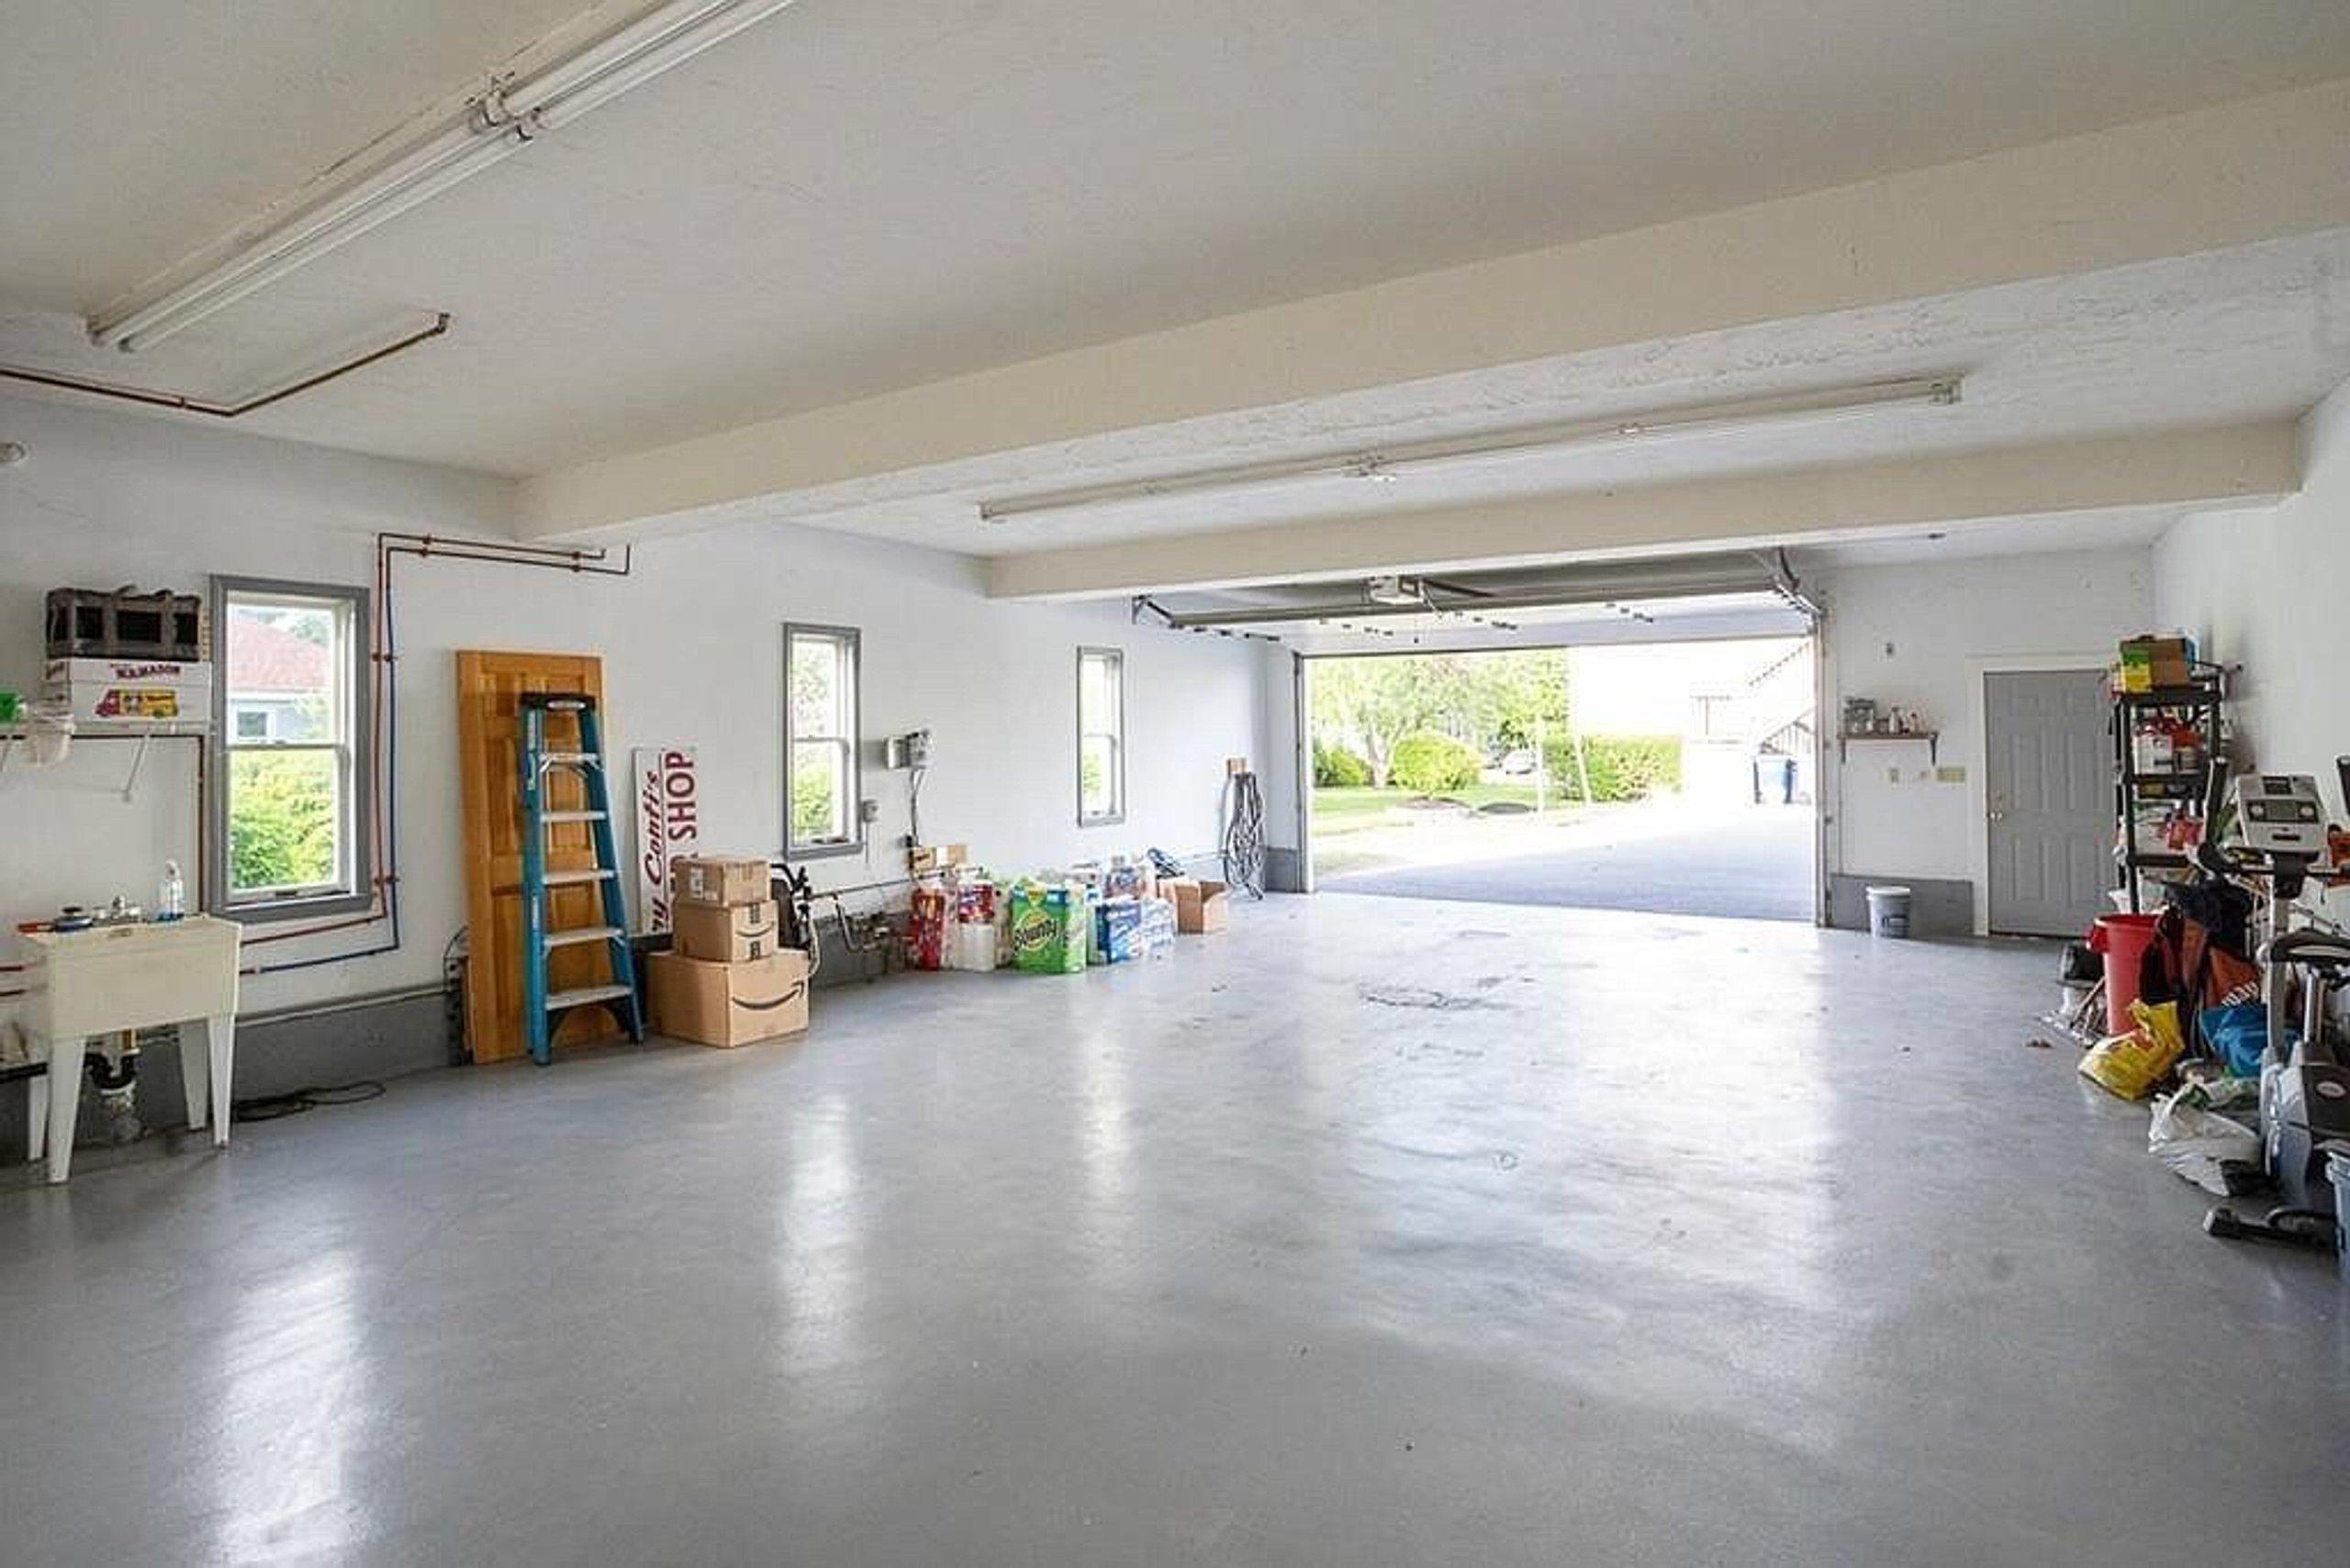 40x26 Garage self storage unit